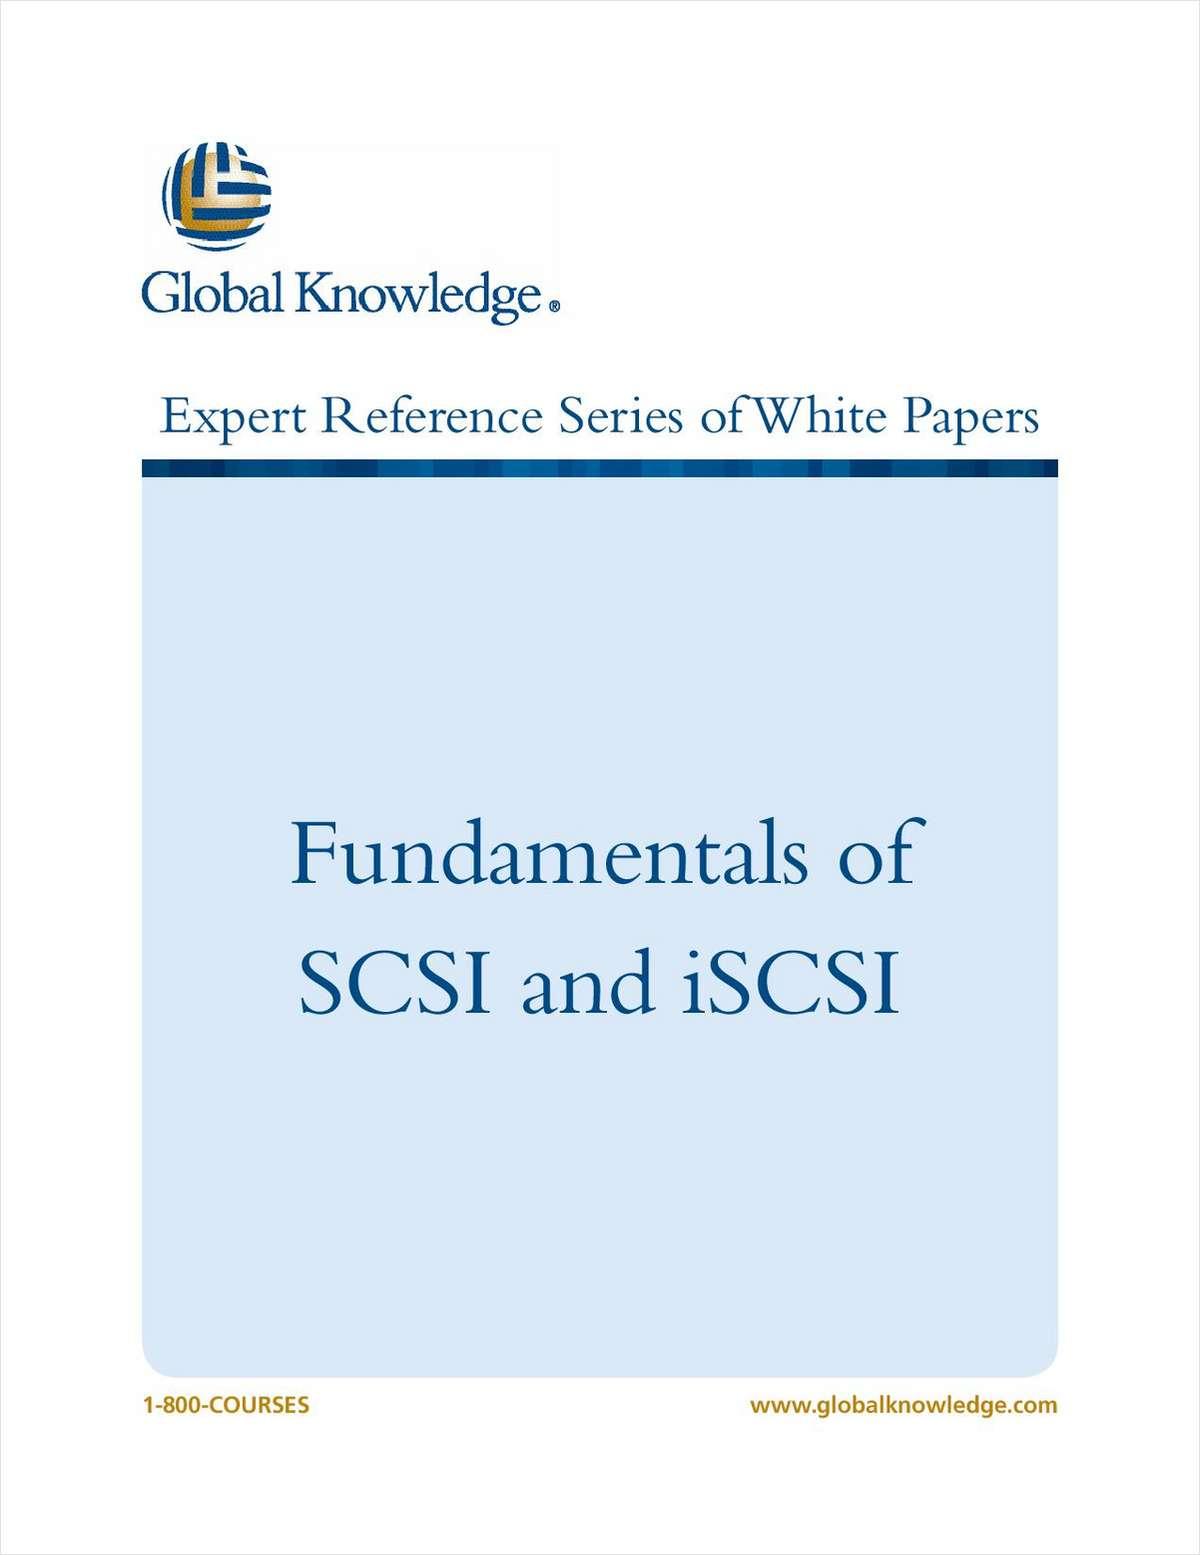 Fundamentals of SCSI and iSCSI